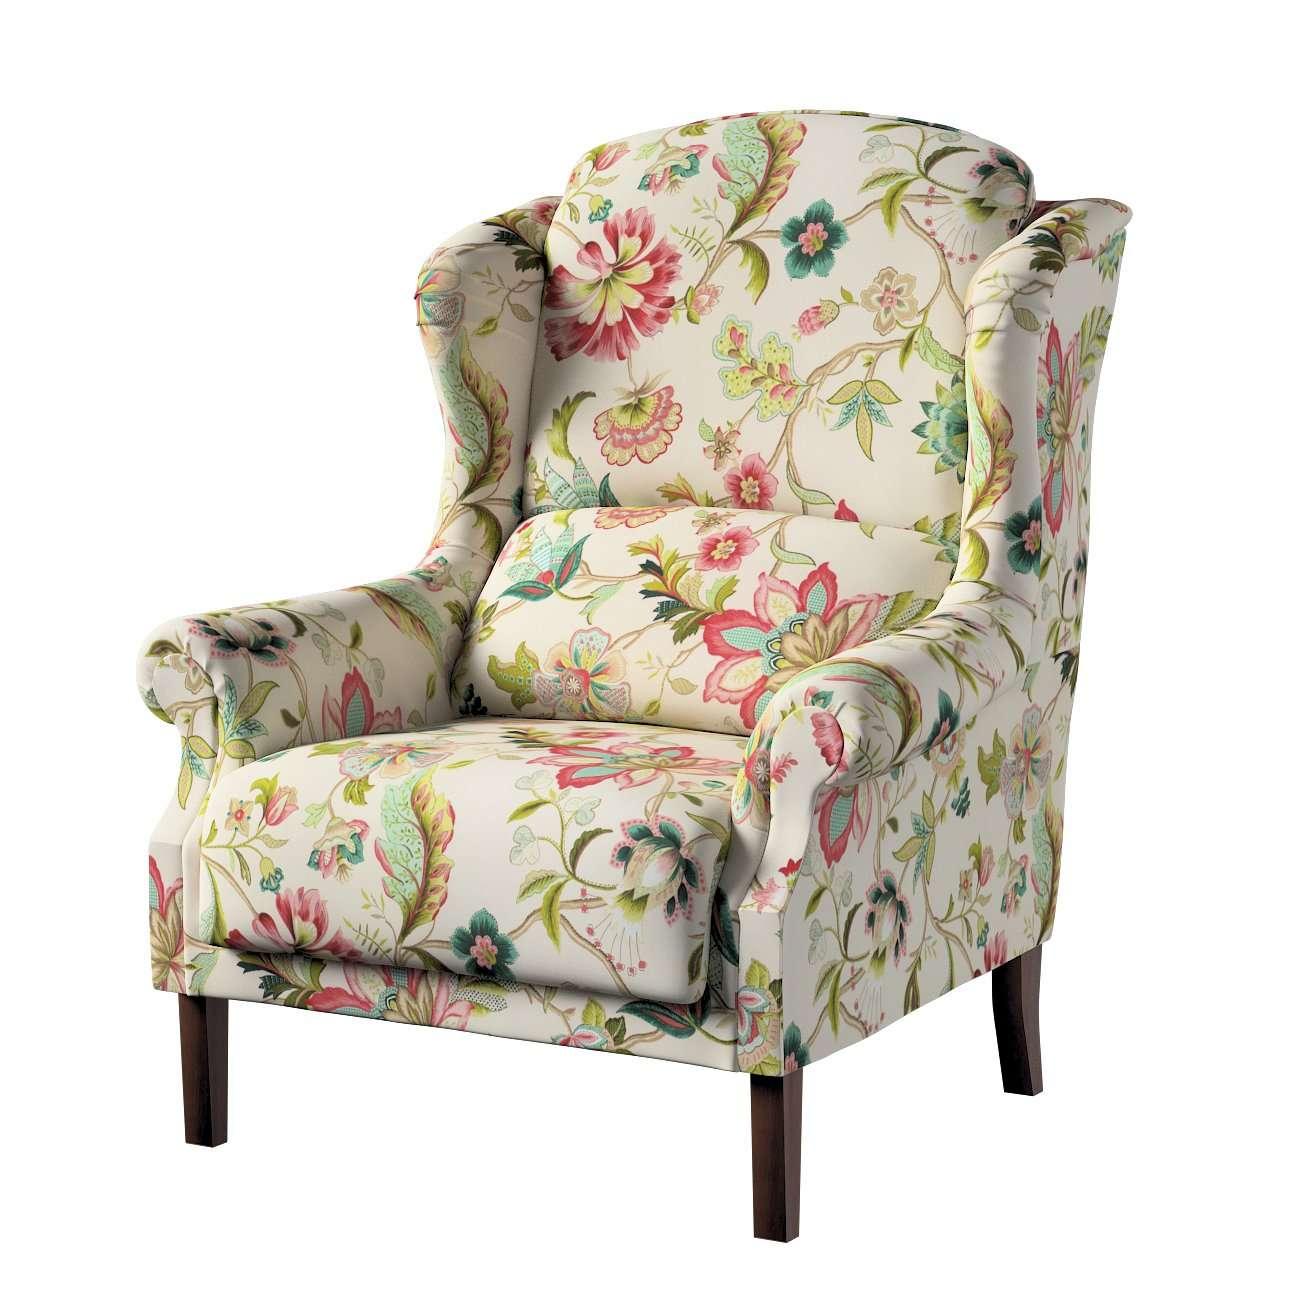 Sessel 85 x 107 cm von der Kollektion Londres, Stoff: 122-00